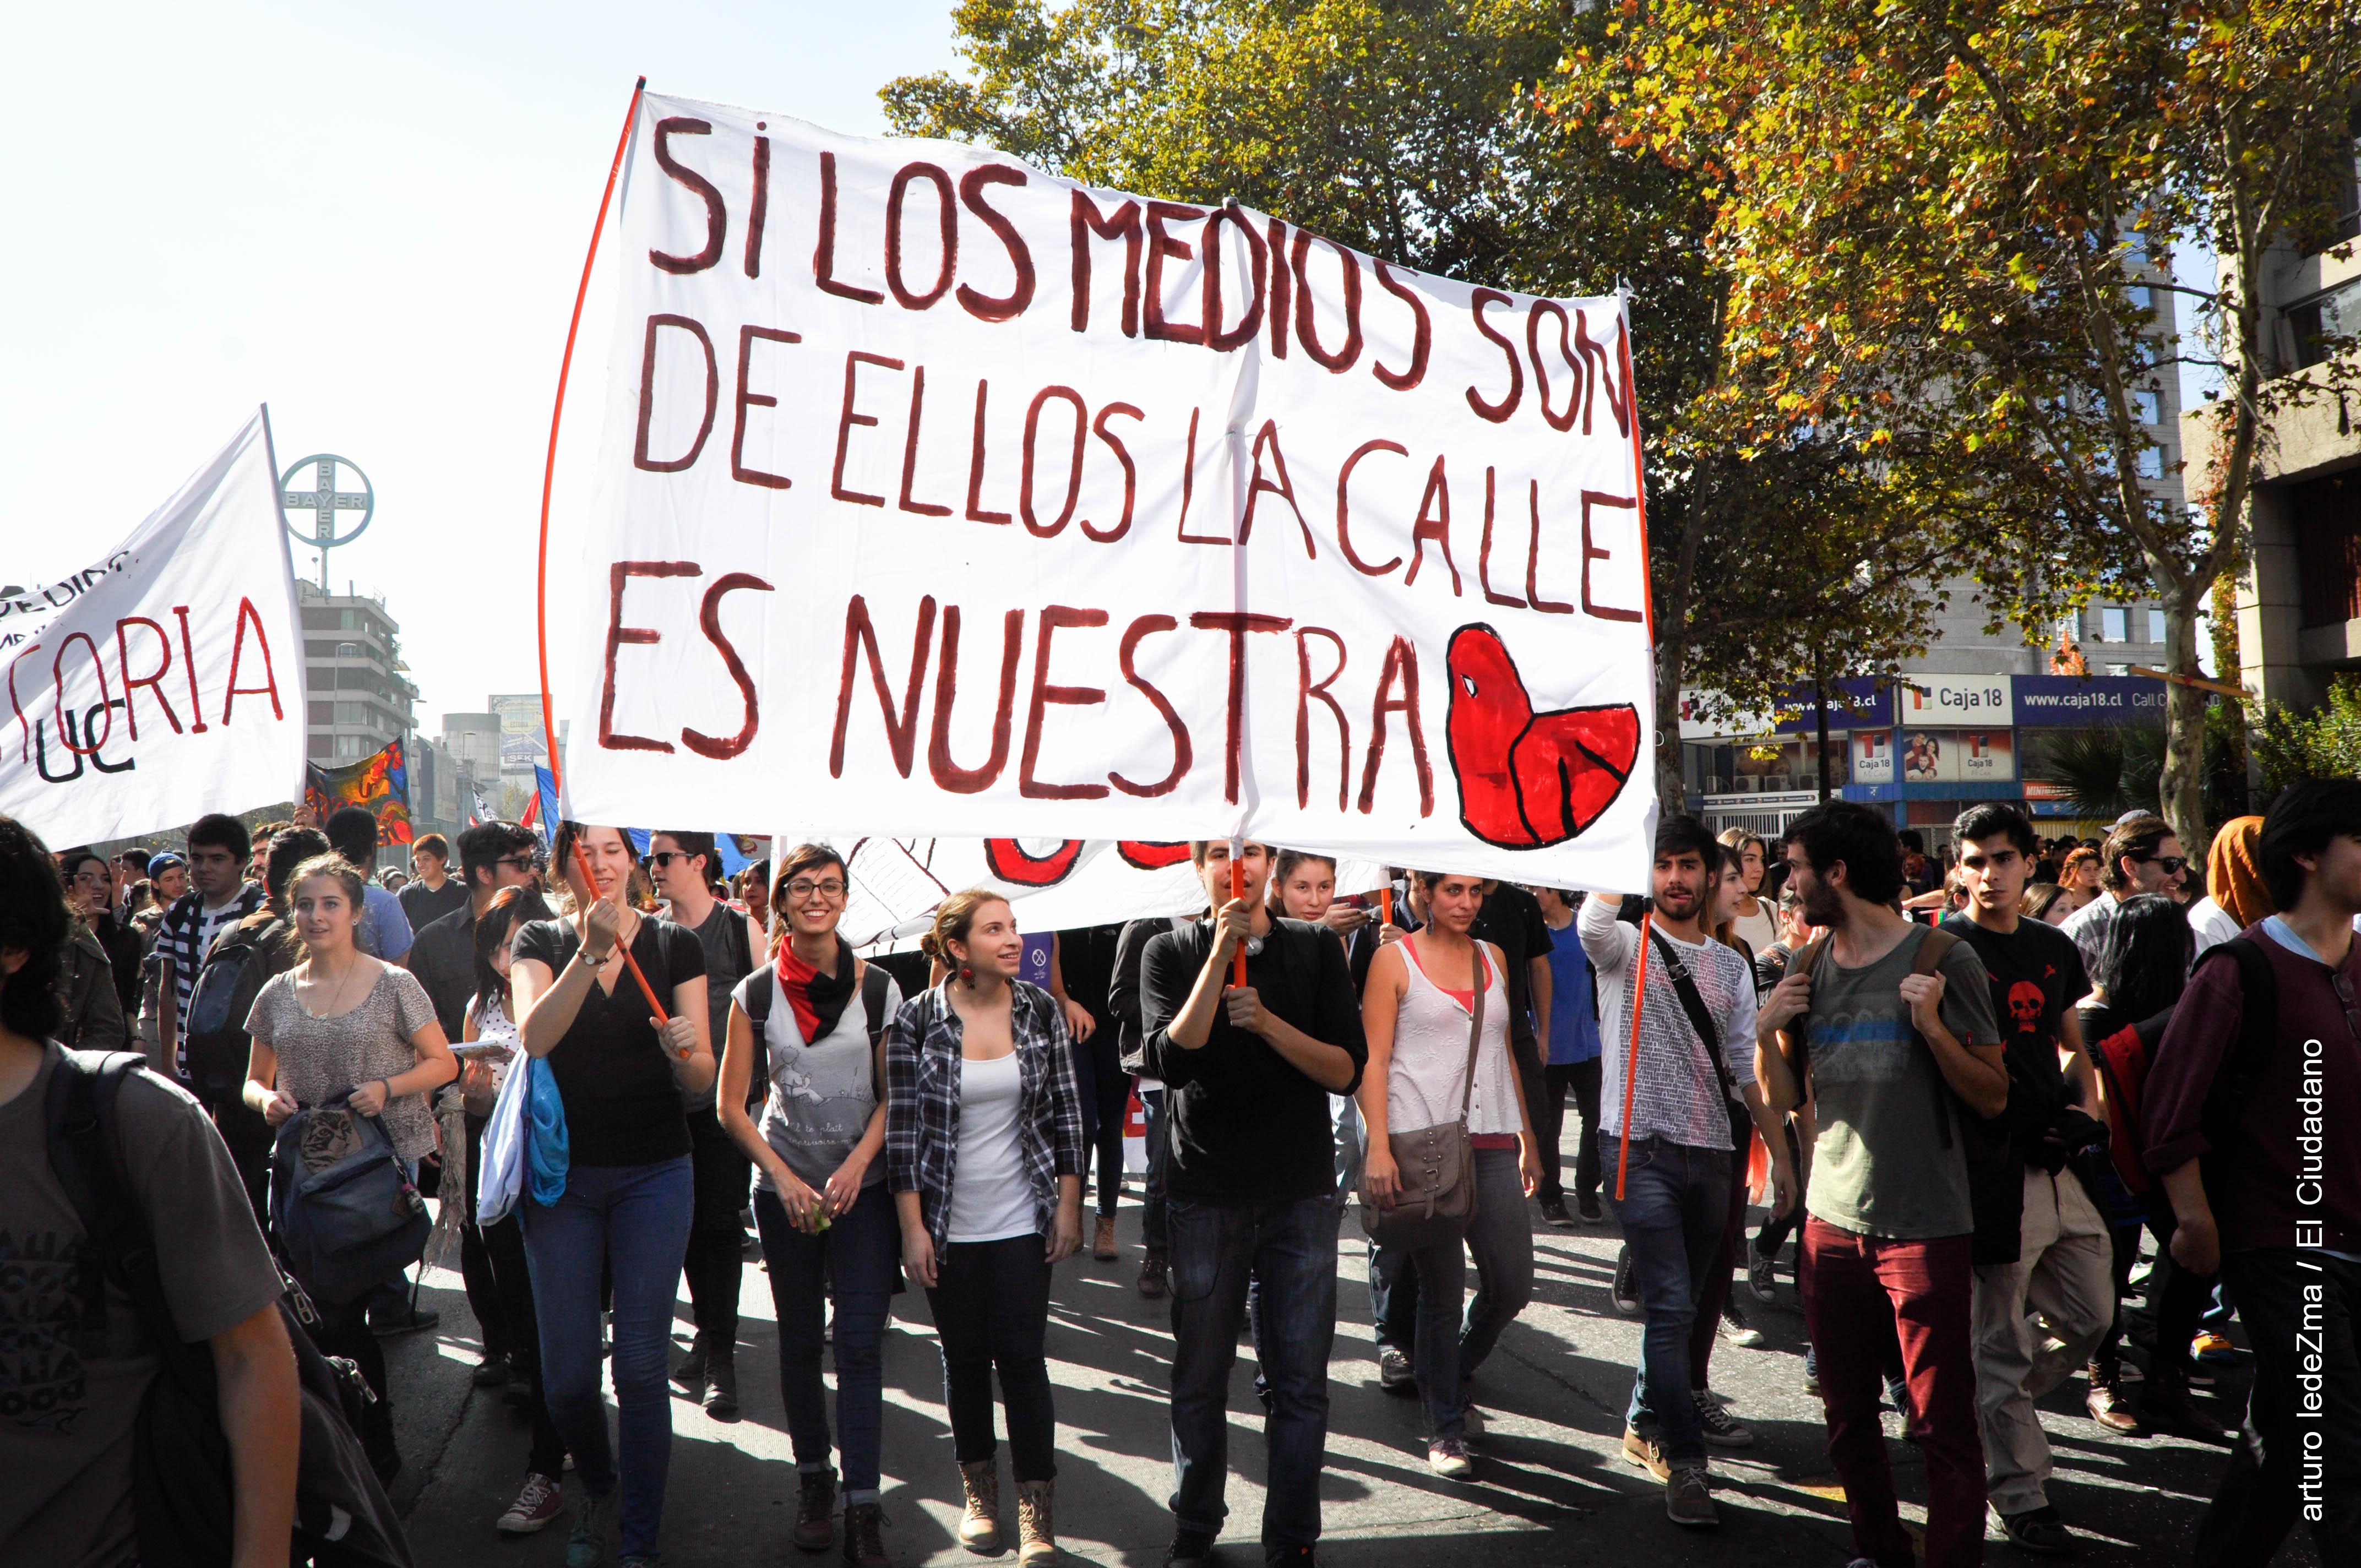 El Ciudadano TV marcha con los estudiantes